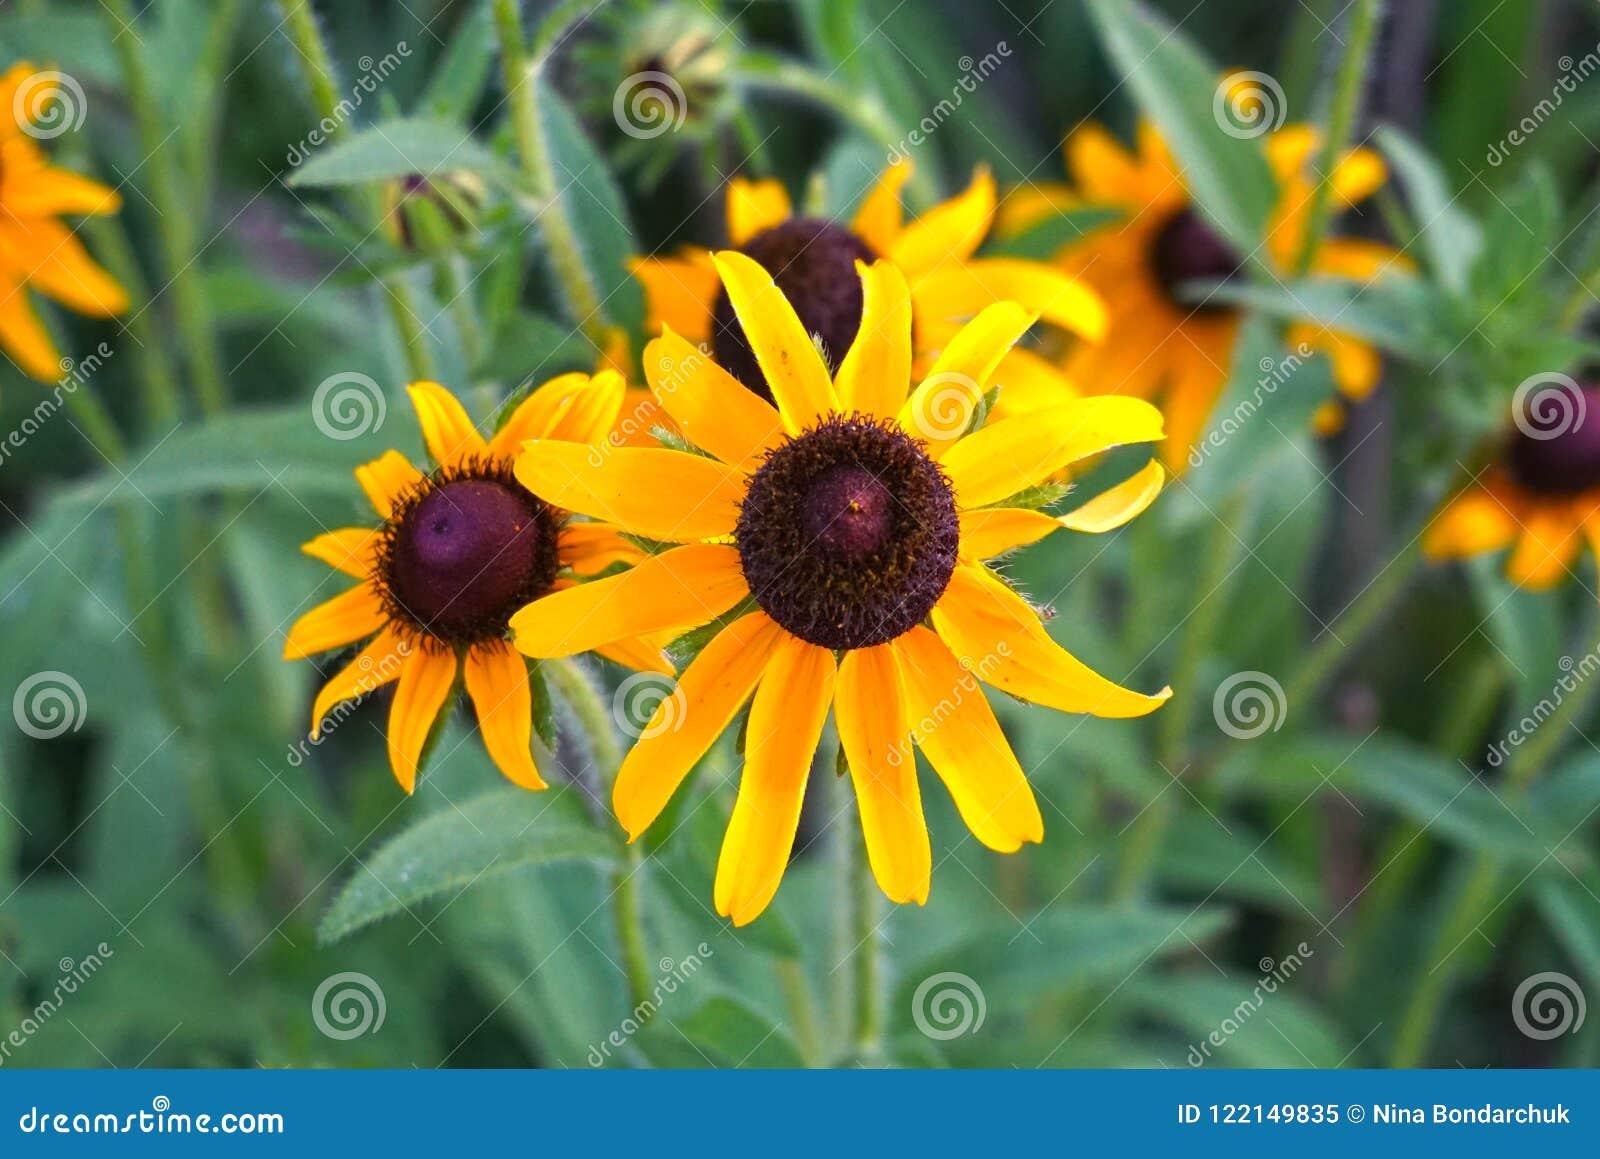 黄色野生雏菊